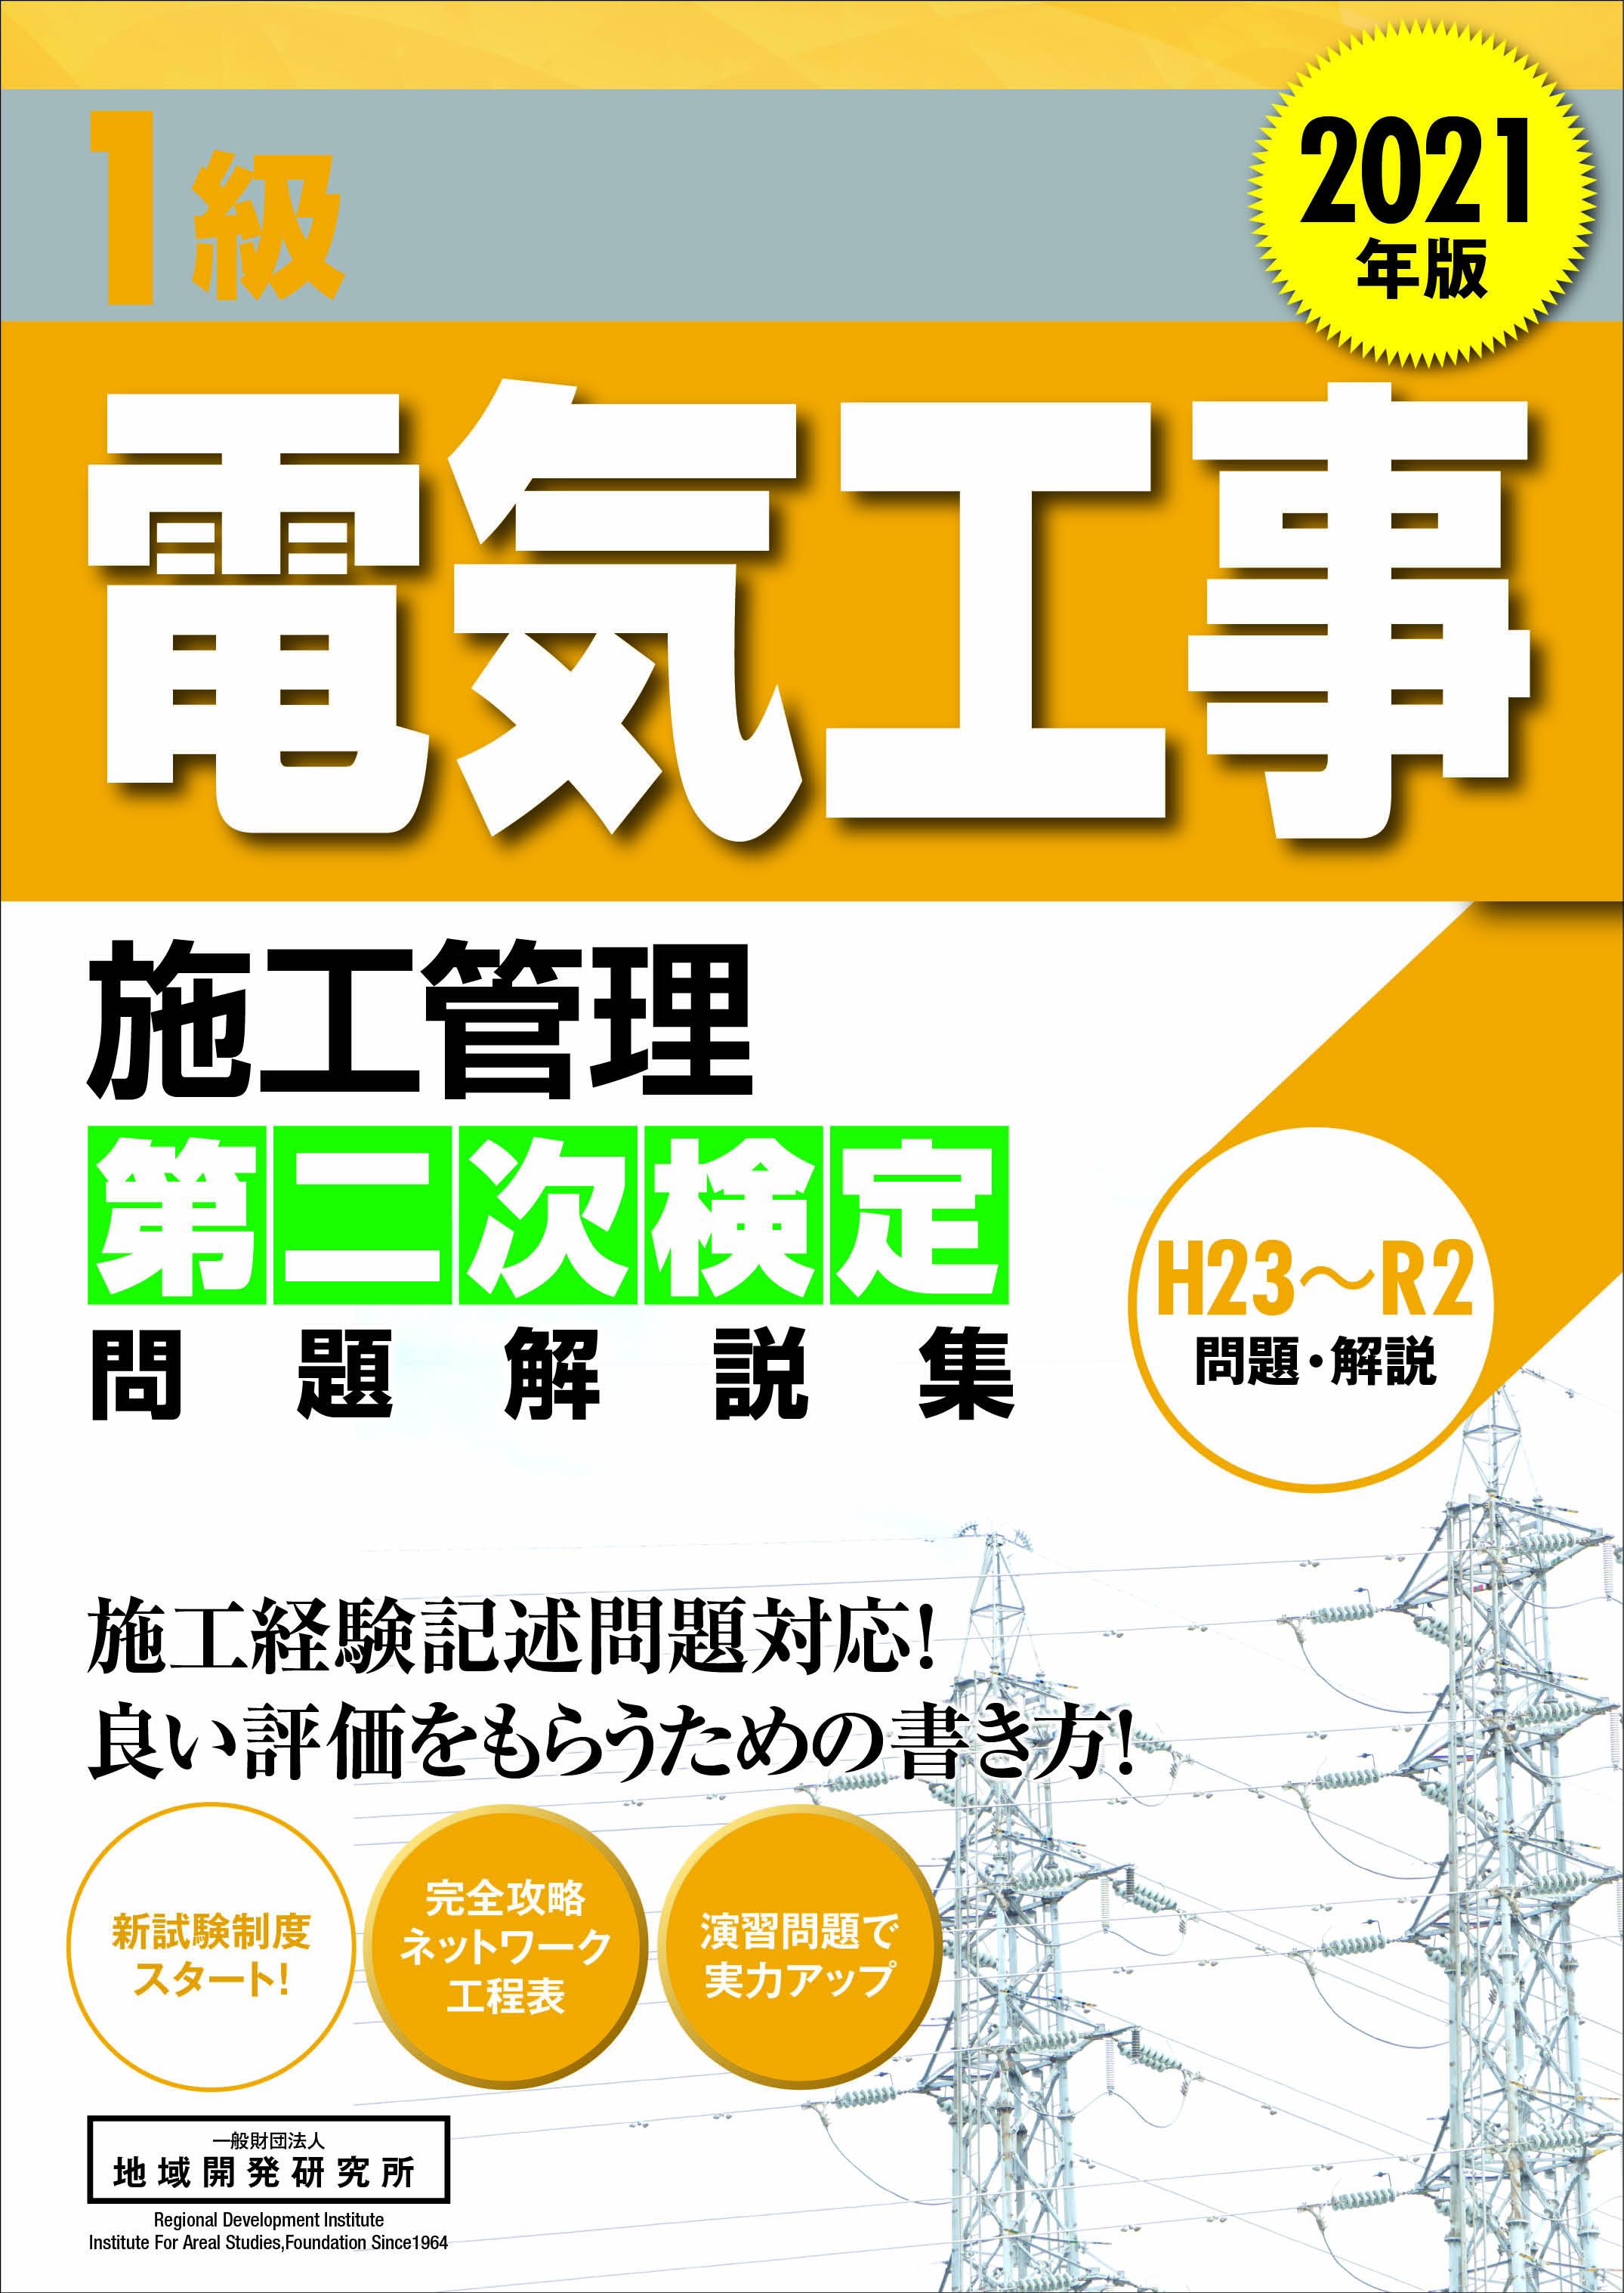 1級電気工事施工管理 第二次検定 問題解説集 2021年版